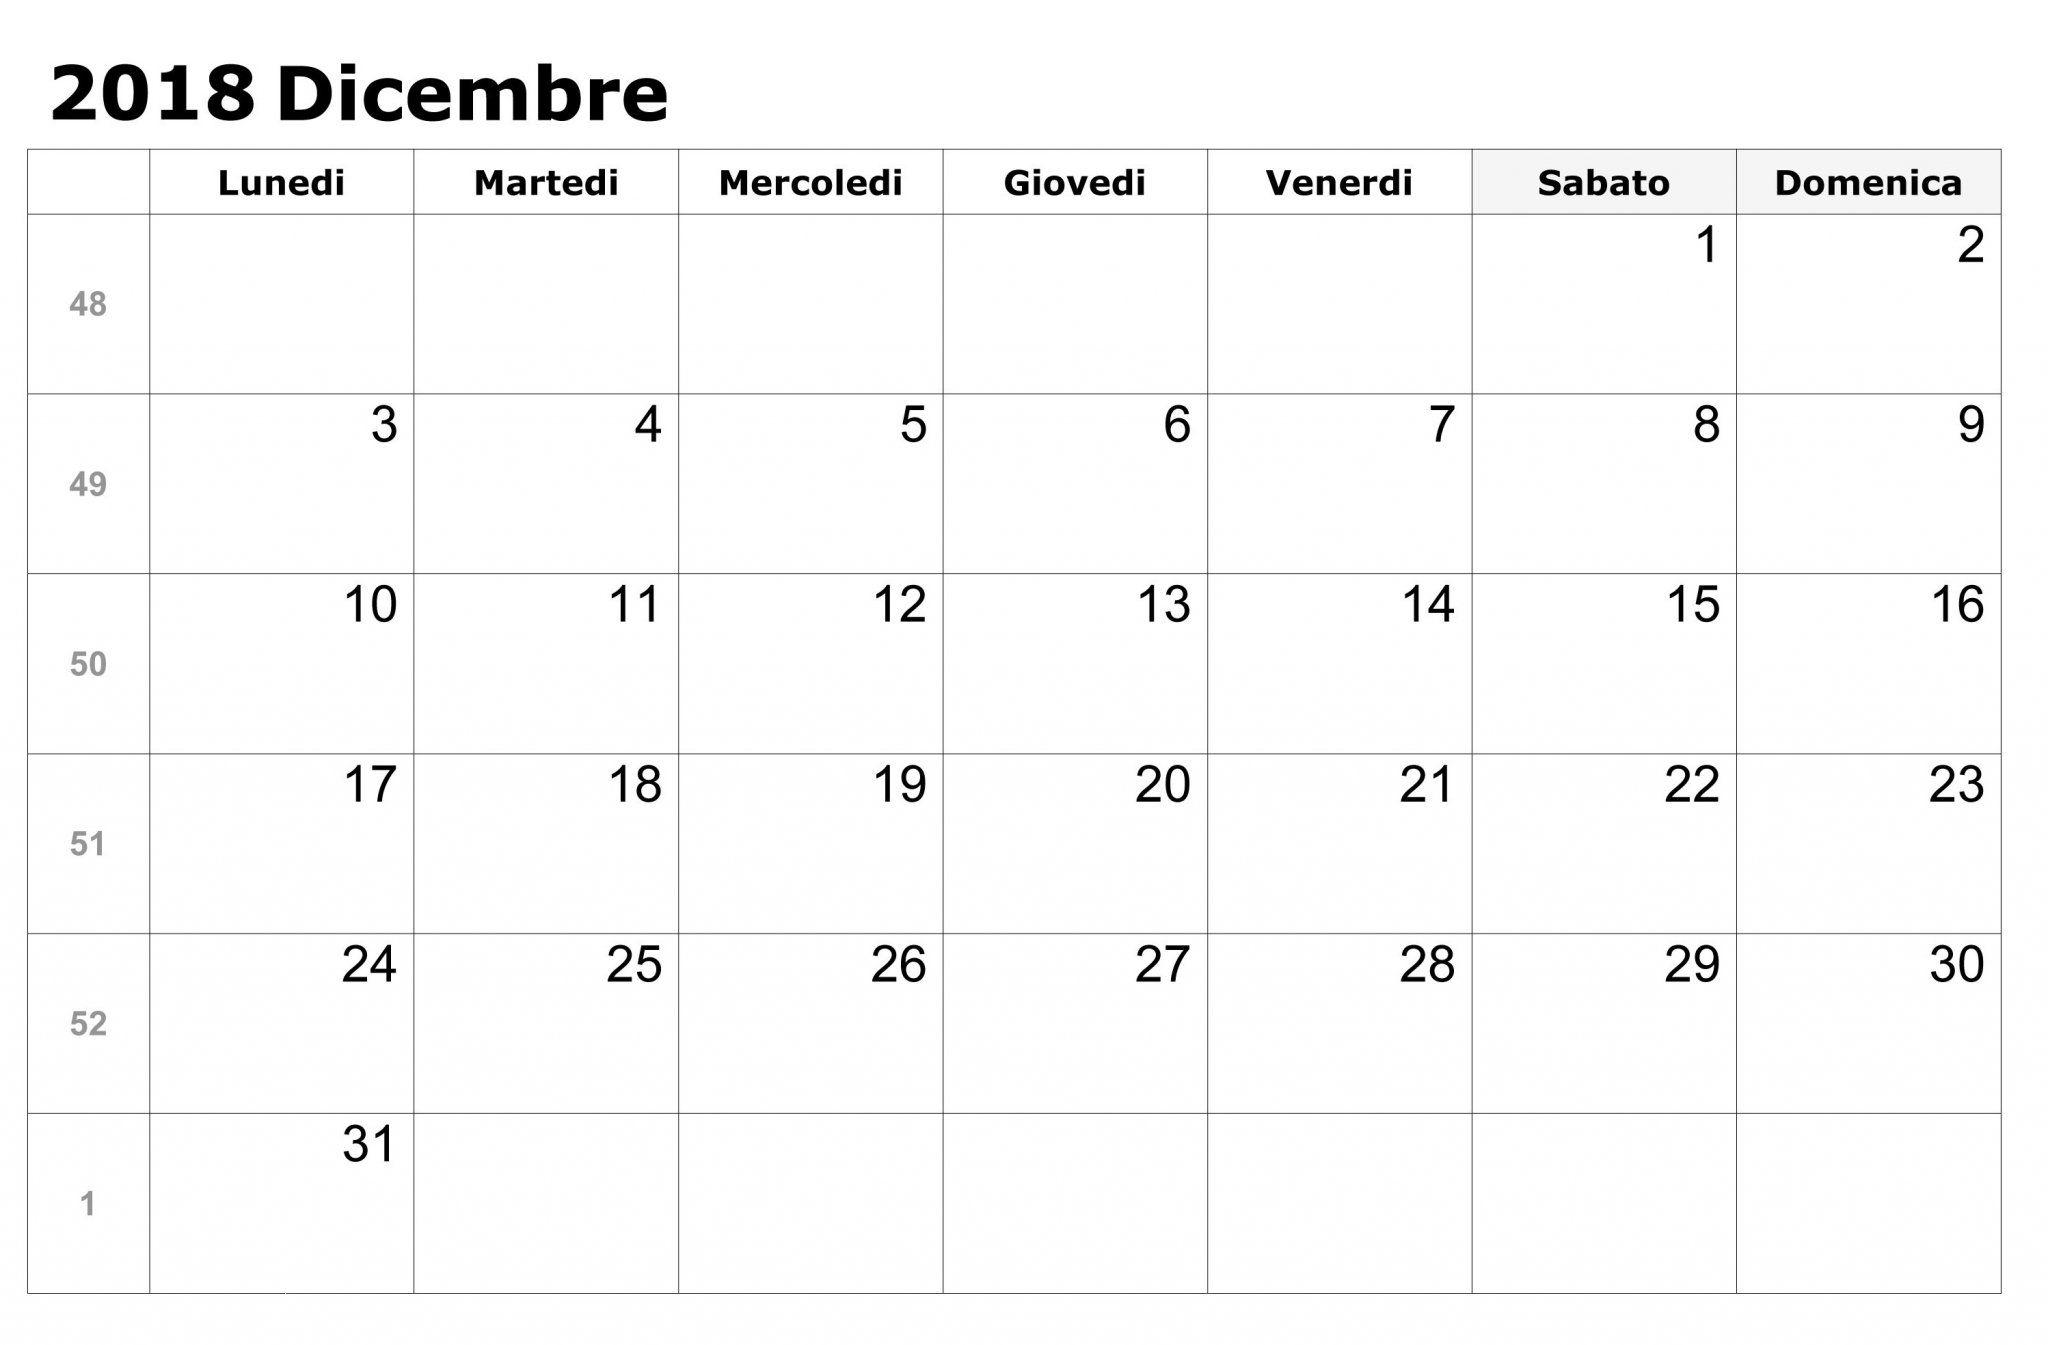 Calendario Dicembre 2019 Excel.2018 Calendario Dicembre Da Stampare Excel Calendario